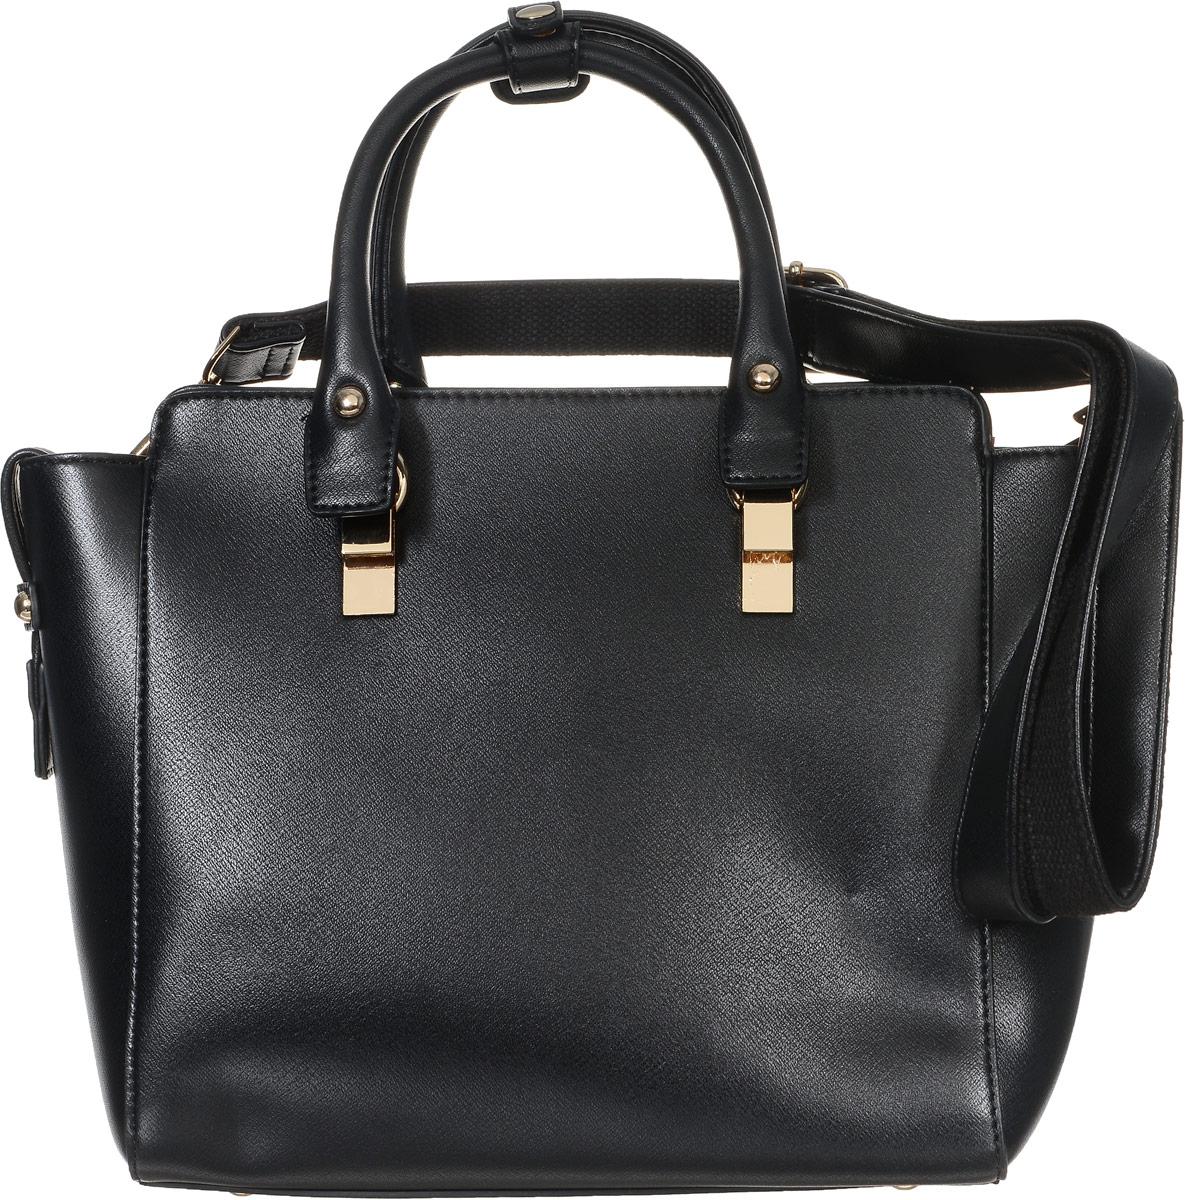 Сумка женская Baggini, цвет: черный. 29825-1/10S76245Стильная женская сумка Baggini выполнена из искусственной кожи. Изделие имеет одно отделение, которое закрывается на застежку-молнию. Внутри сумки находятся два накладных открытых кармана, прорезной карман на застежке-молнии и накладной карман с отделением на застежке-молнии. Снаружи, на задней стенке находится прорезной карман на застежке-молнии. Сумка оснащена двумя удобными ручками, которые фиксируются между собой с помощью хлястика на кнопке. В комплект входит съемный регулируемый плечевой ремень. Основание изделия защищено от повреждений металлическими ножками. Модная сумка идеально подчеркнет ваш неповторимый стиль.